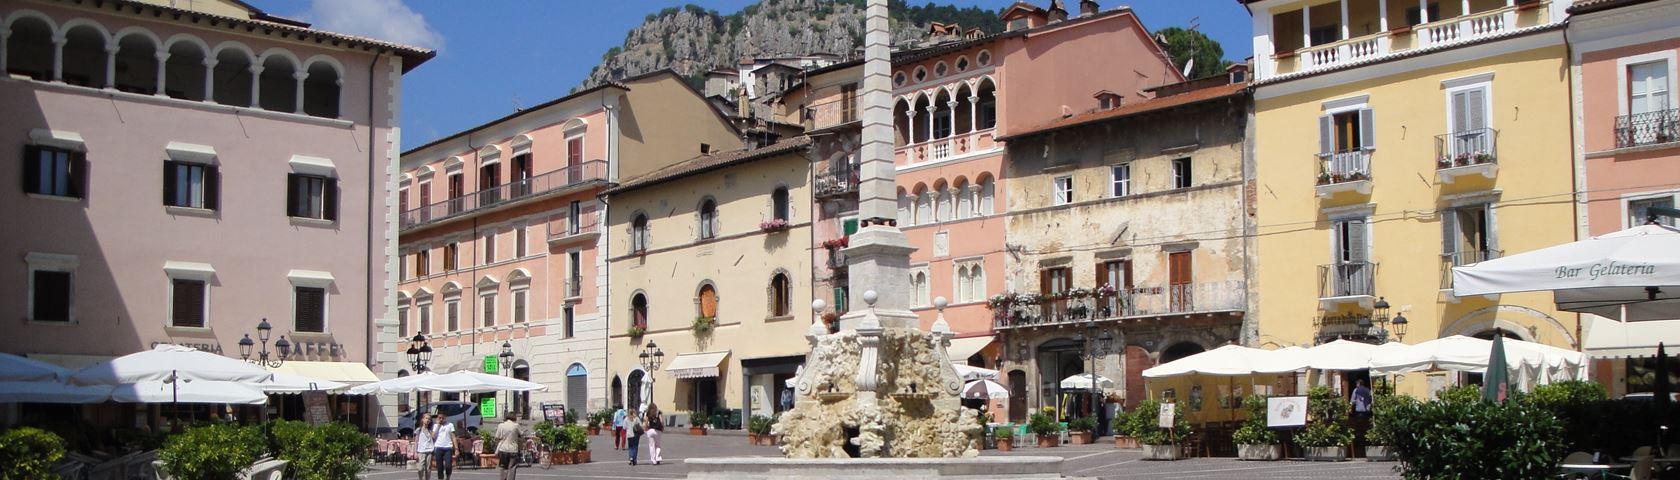 Town Center Tagliacozzo